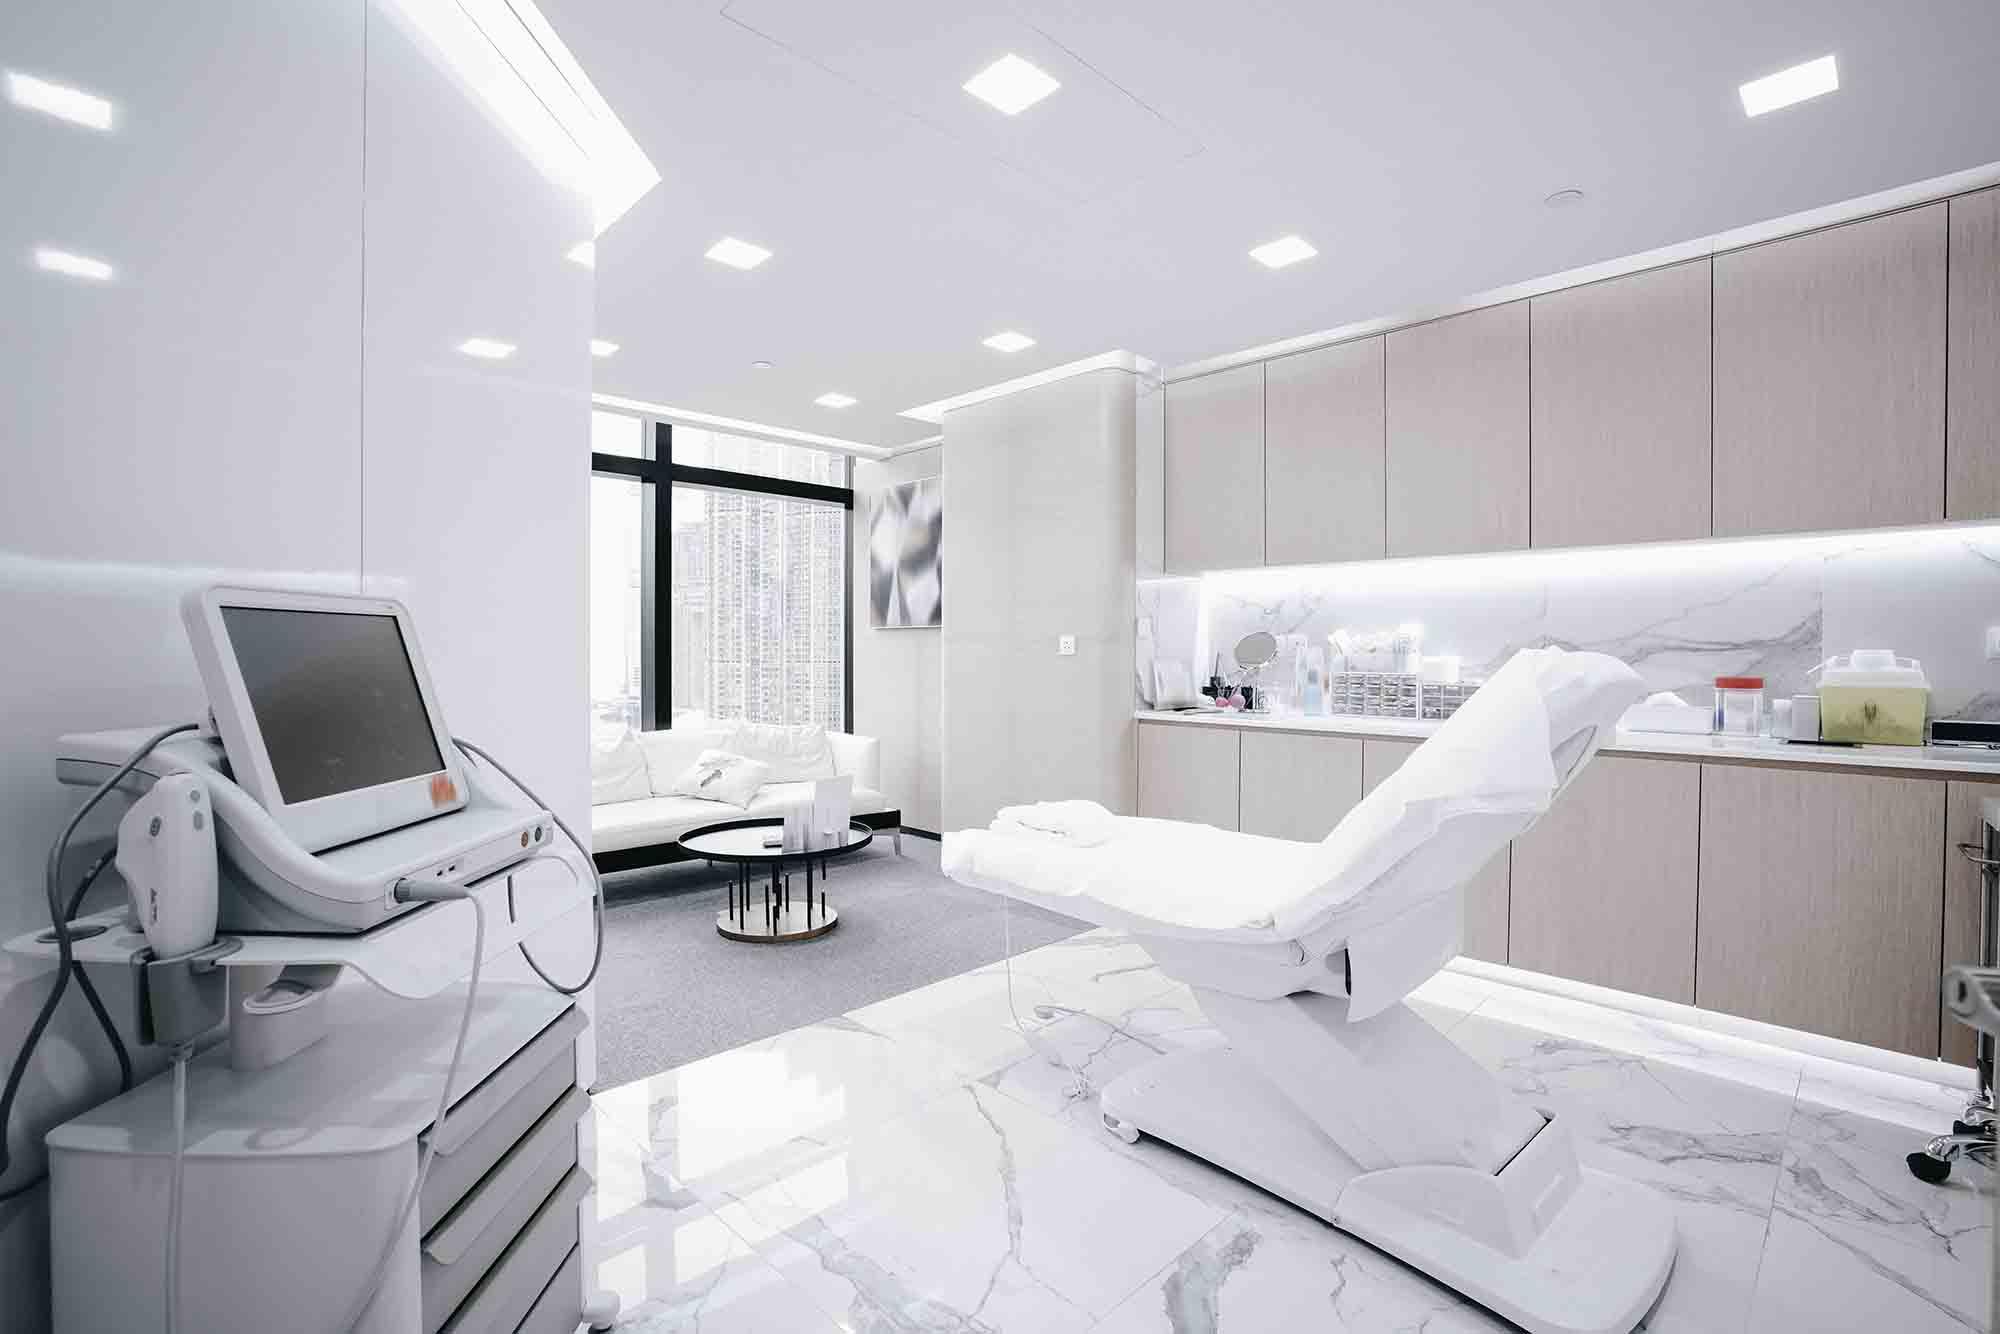 equipamentos para consultório ginecológico